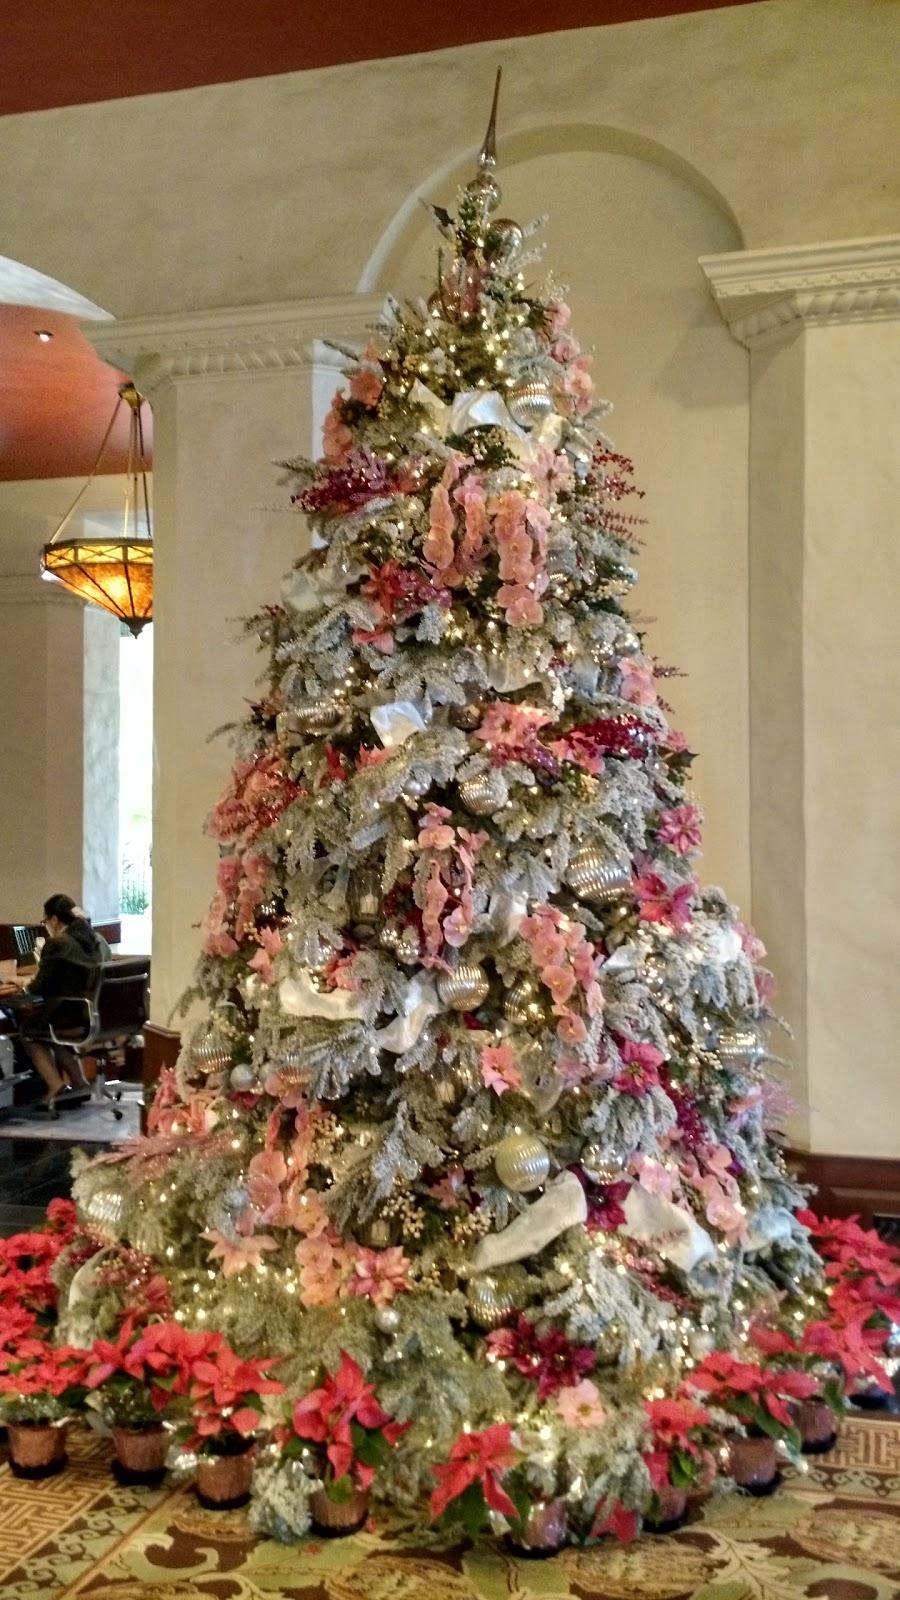 Hale Ku Ai Aloha 96815 Royal Hawaiian Hotel Christmas Tree 2014